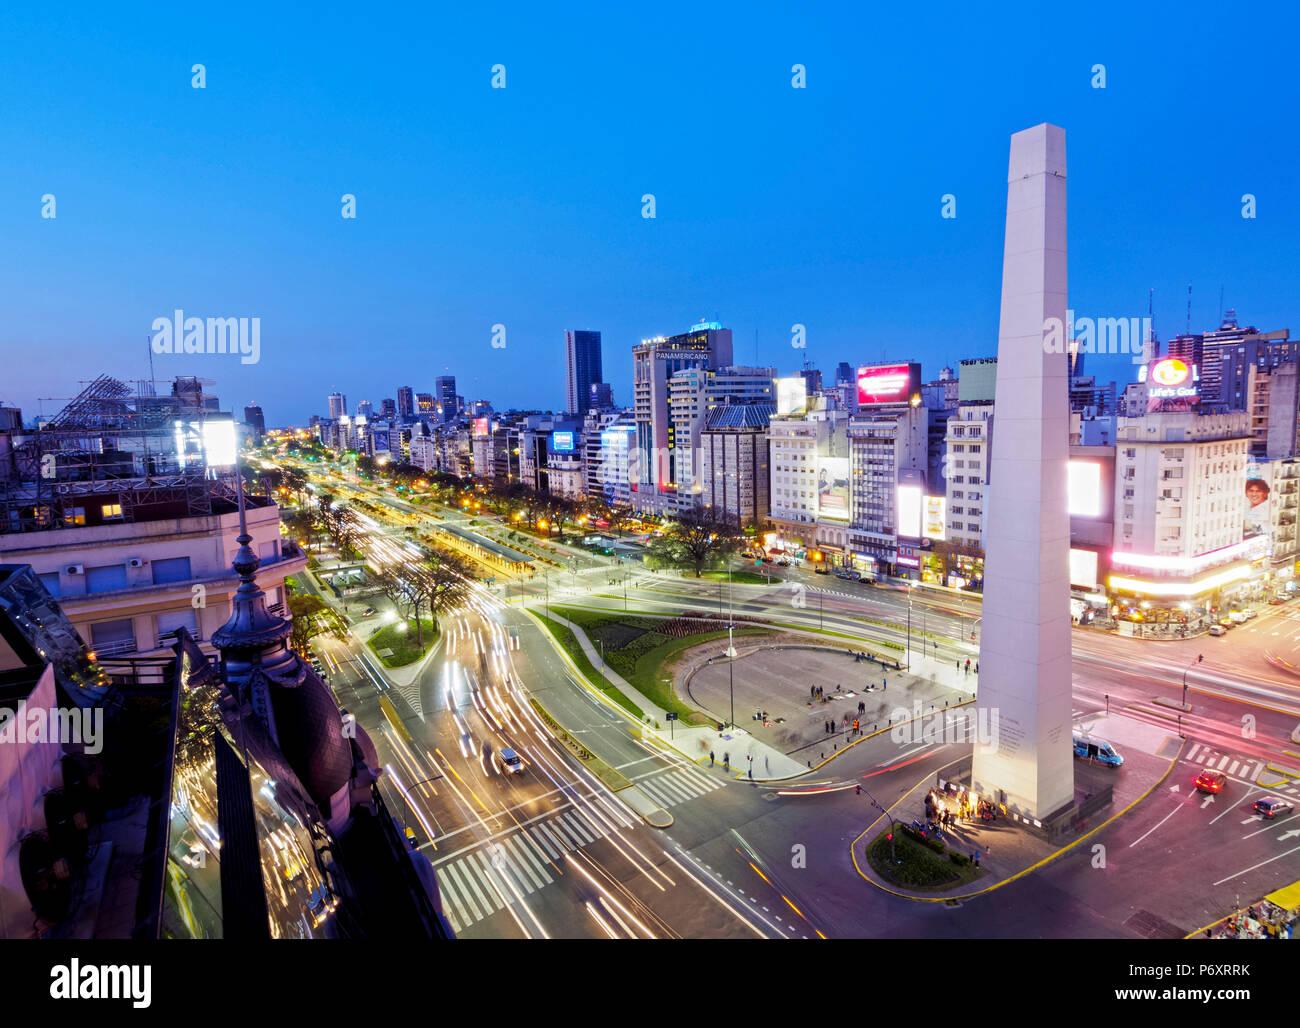 Argentina, Provincia de Buenos Aires, Ciudad de Buenos Aires, Crepúsculo vista de la Avenida 9 de Julio, Plaza de la republica y el obelisco de Buenos Aires. Imagen De Stock